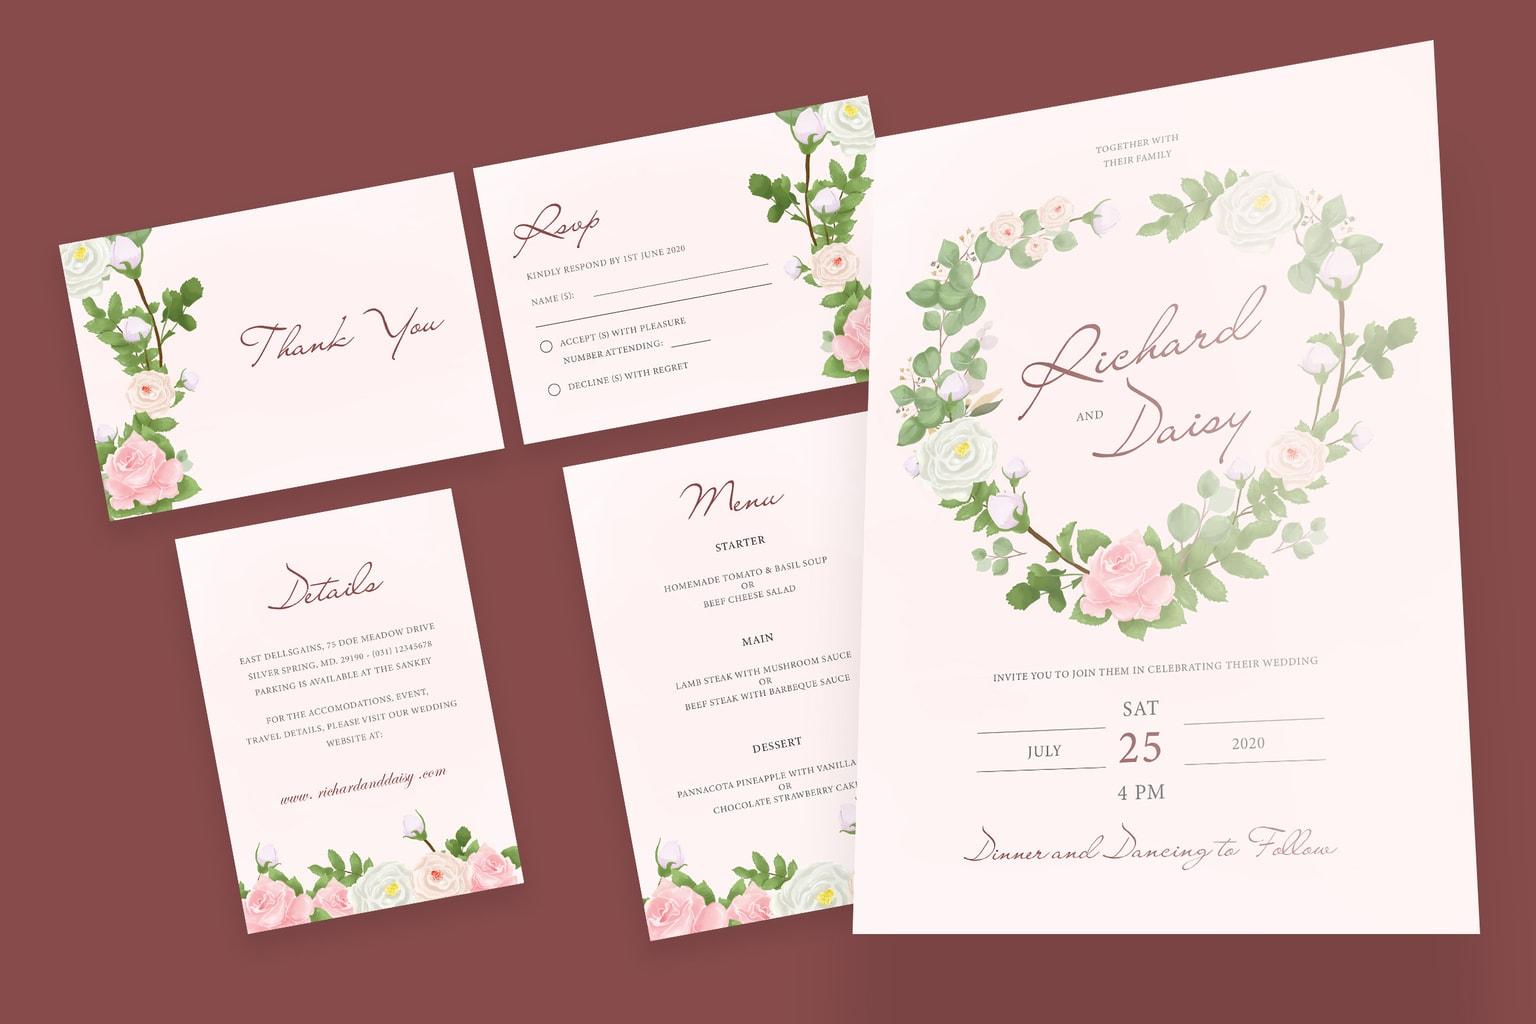 wedding invitation clean pink background